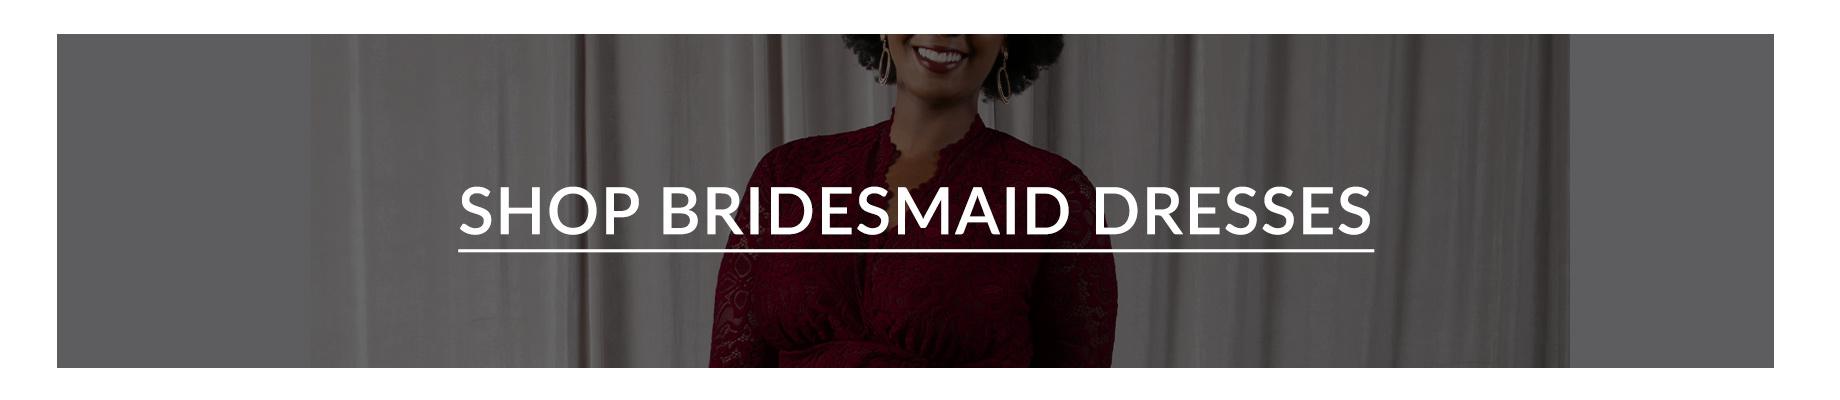 Shop Plus Size Bridesmaids Dresses